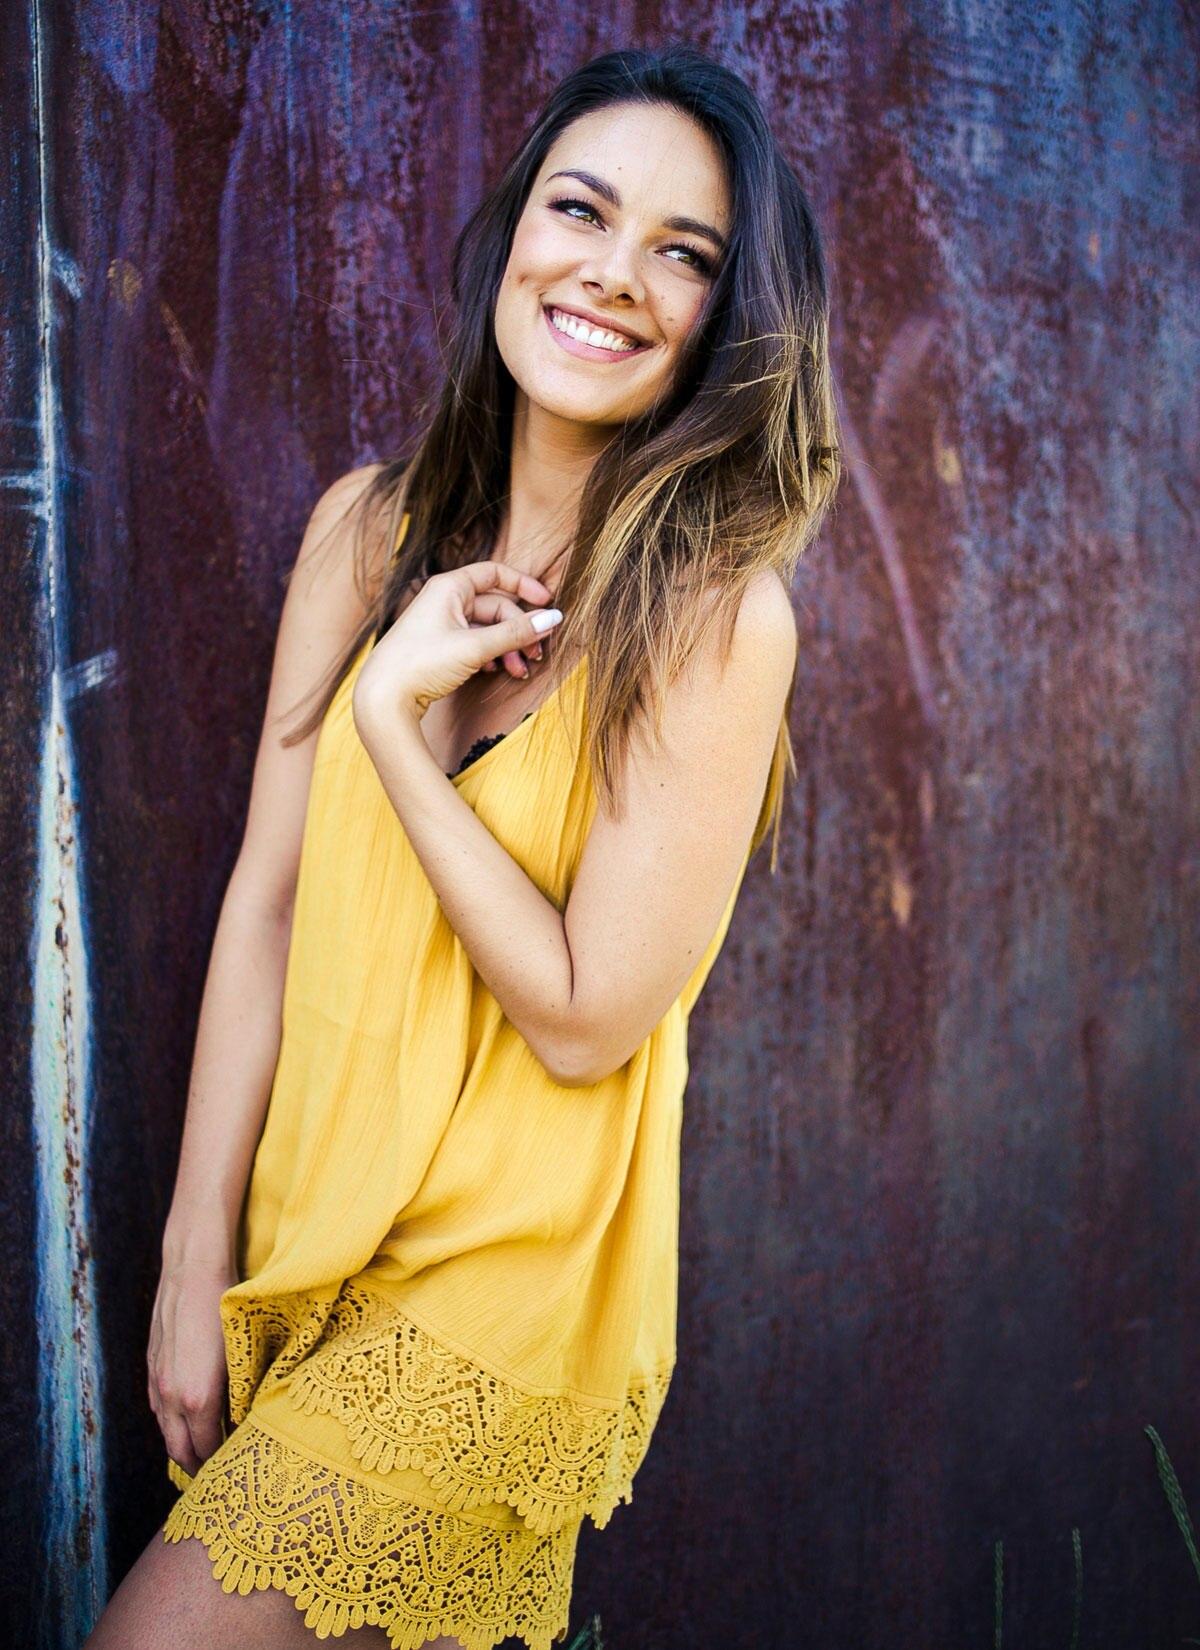 Janina Uhse strahlt etwas ganz Natürliches aus. Hautreinigung ist ihr wichtig, tagsüber Sonnenschutz und nachts lässt sie gerne eine Maske einwirken. Mit all ihren Pflegeneuheiten im Bad könne sie einen ganzen Kosmetikladen bestücken, meint sie im GALA-Interview.